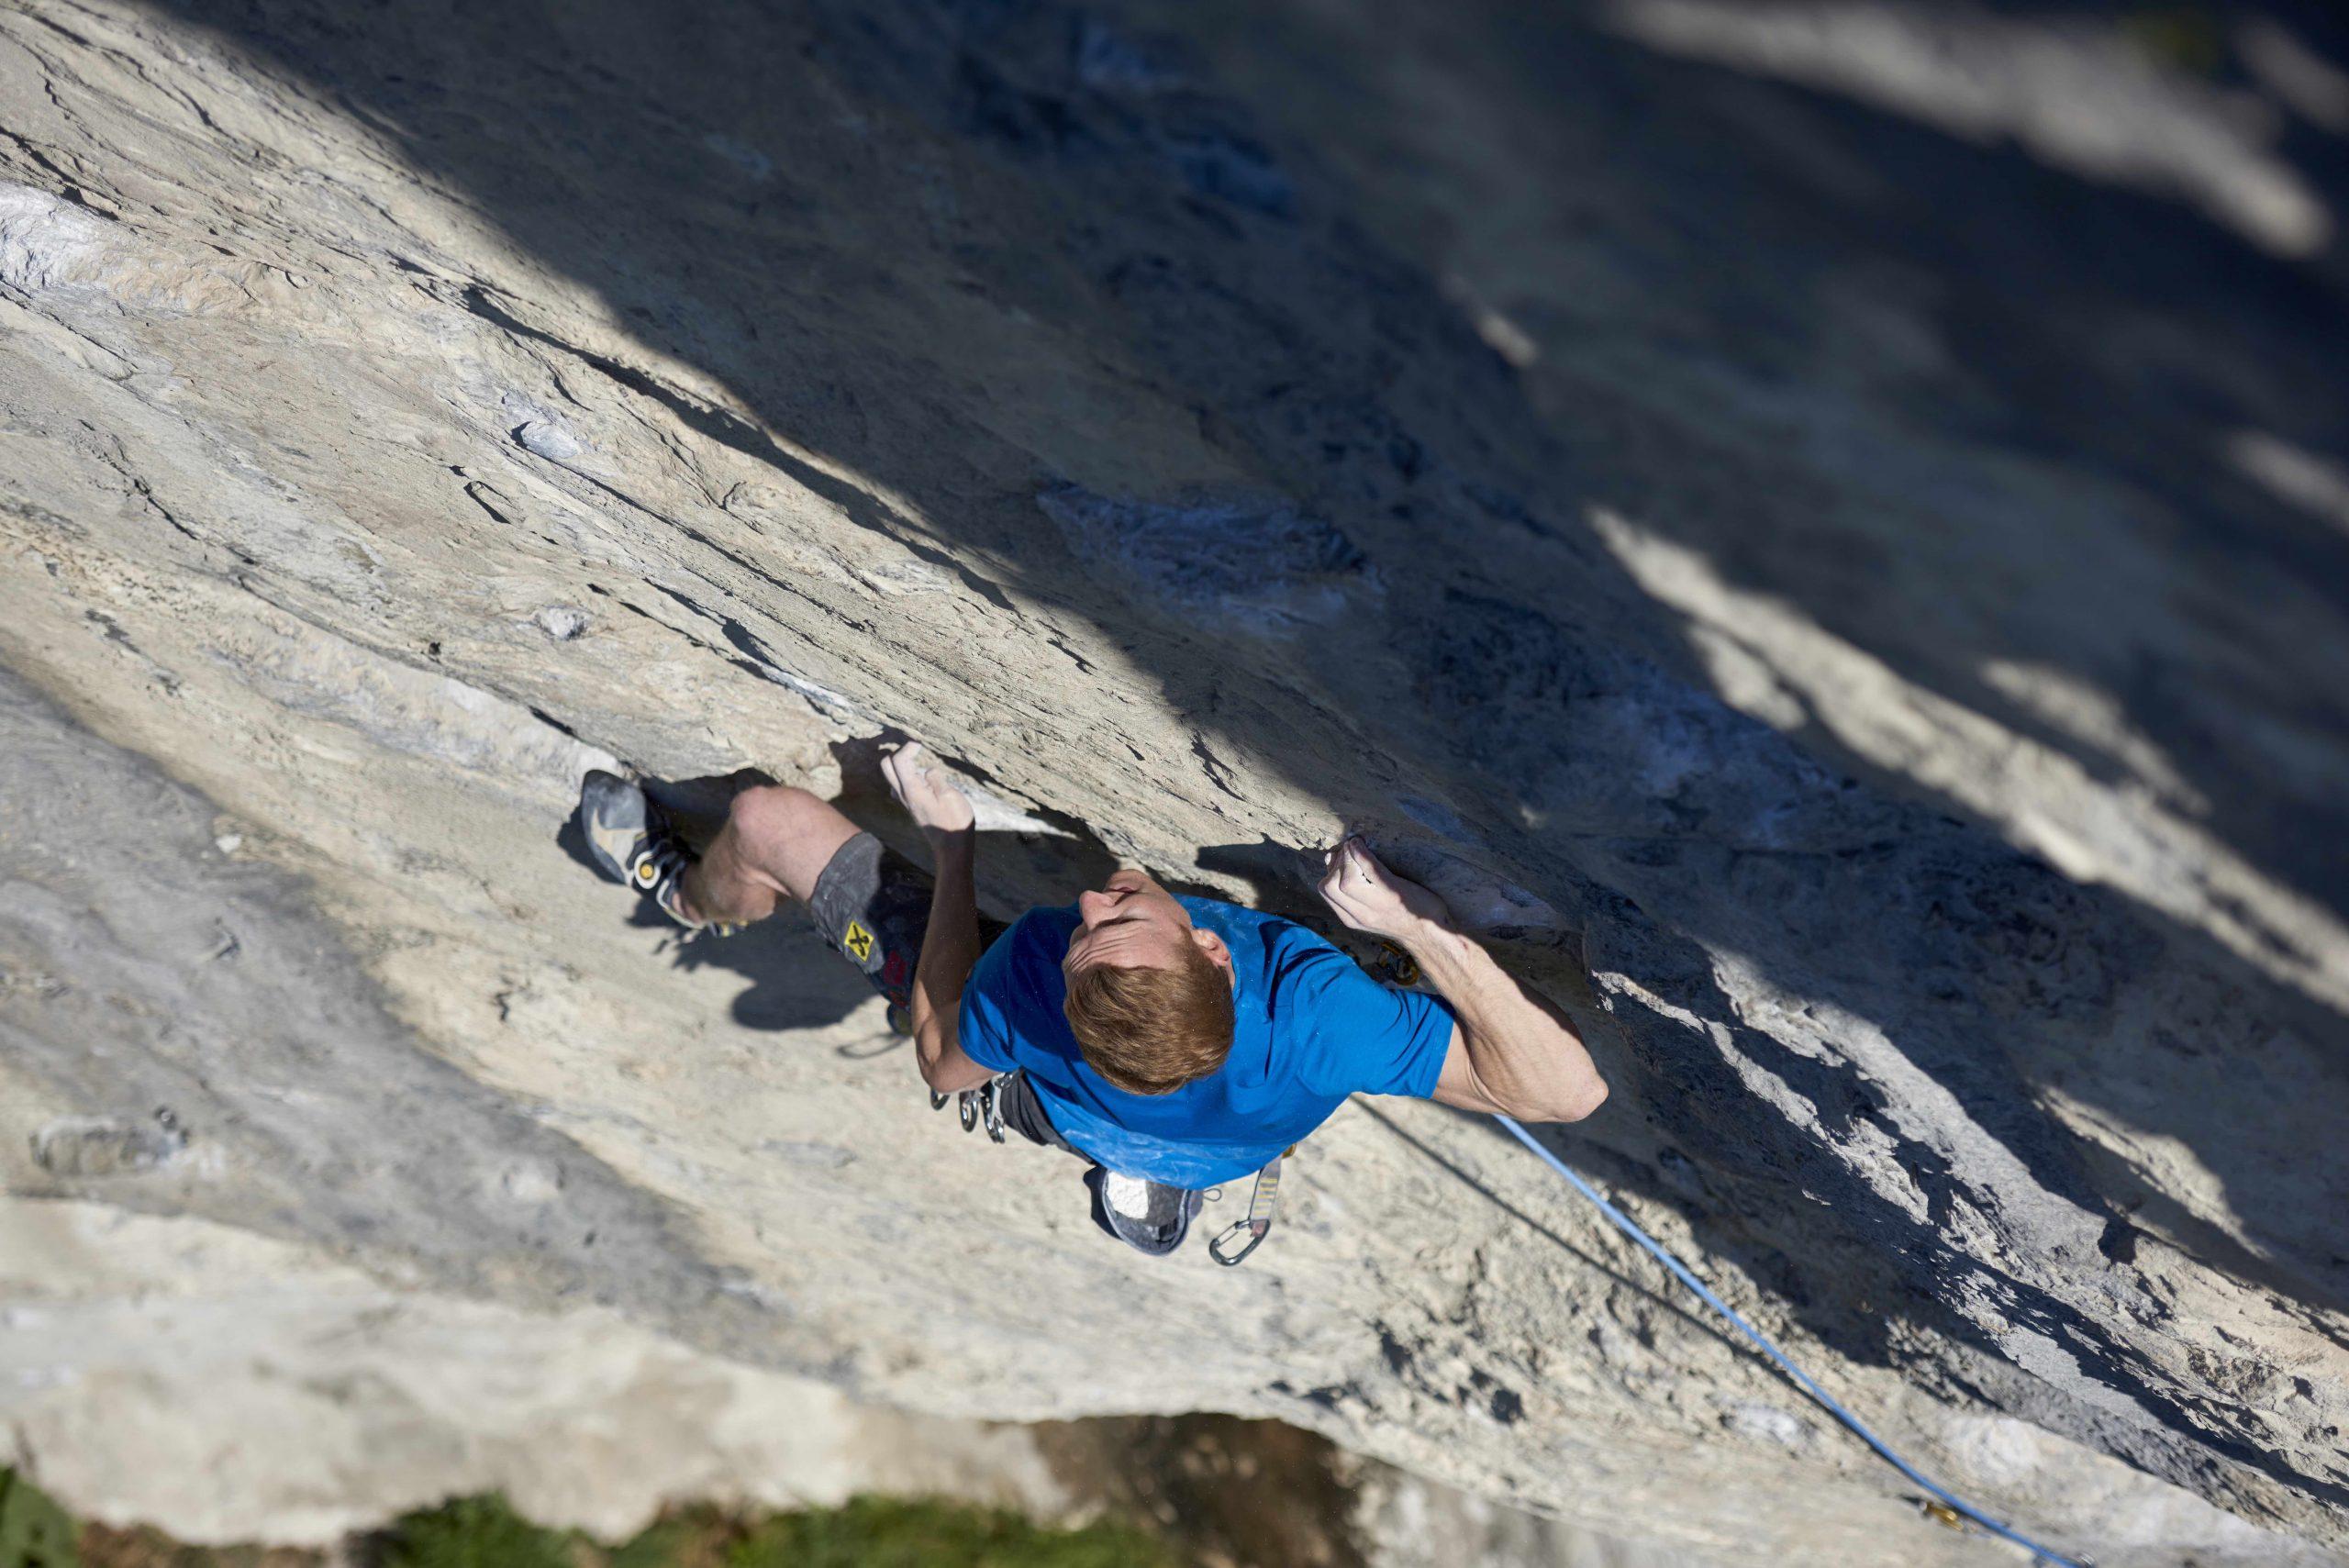 Jakob Schubert in Swingtime, Dschungelbuch, Martinswand, Foto: Michael Meisl I Climbers Paradise